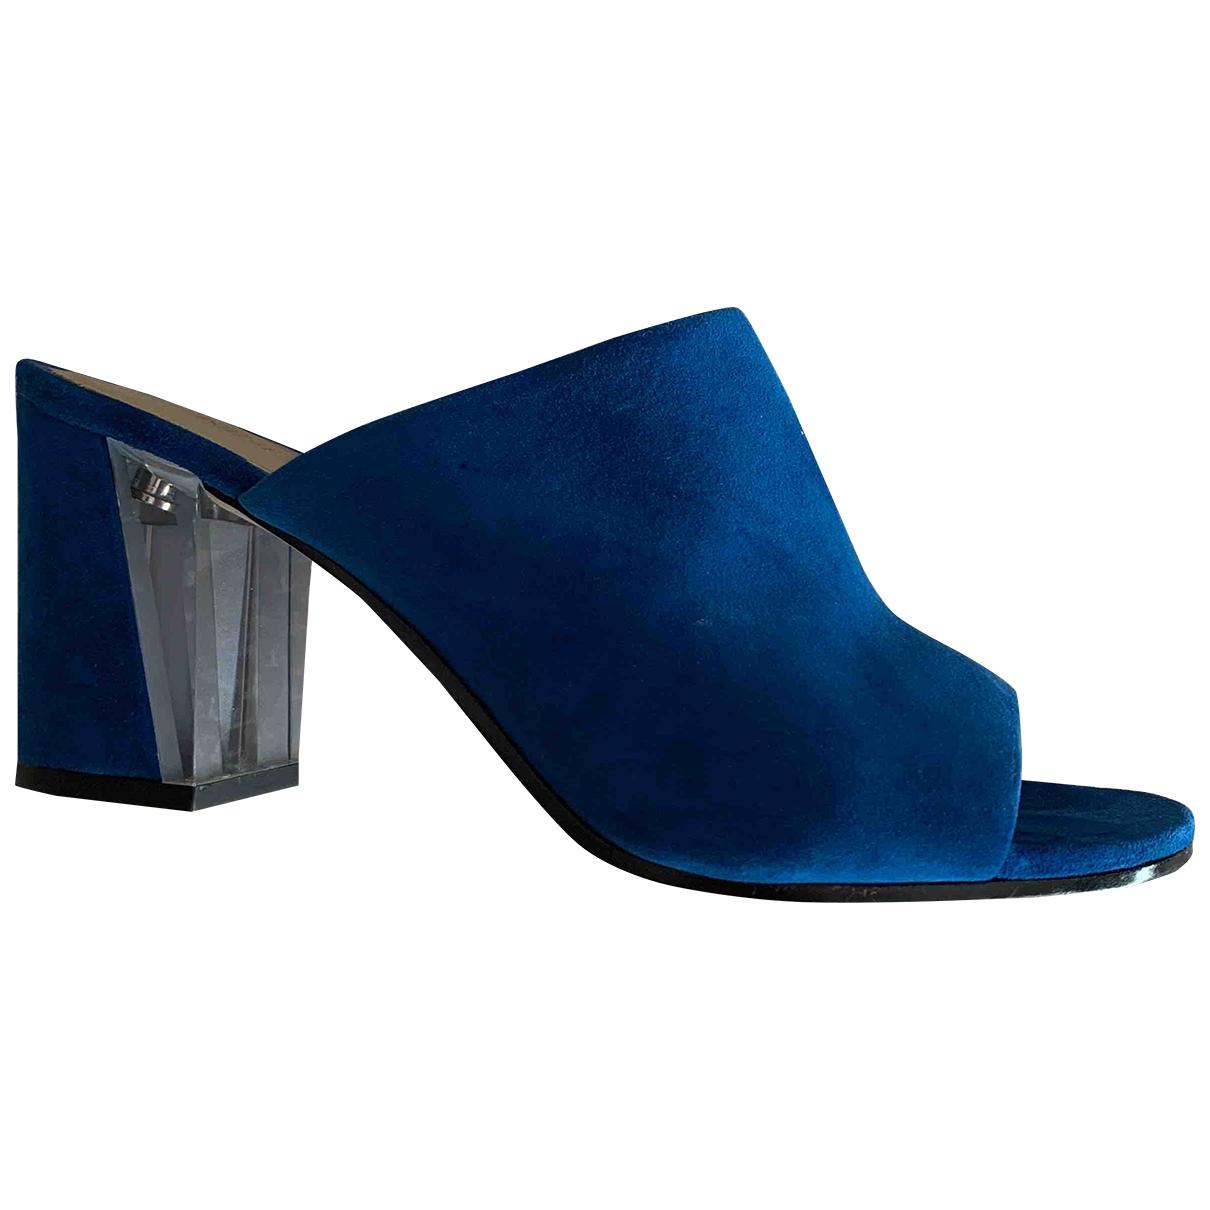 Nine West - Sandales   pour femme en cuir - bleu